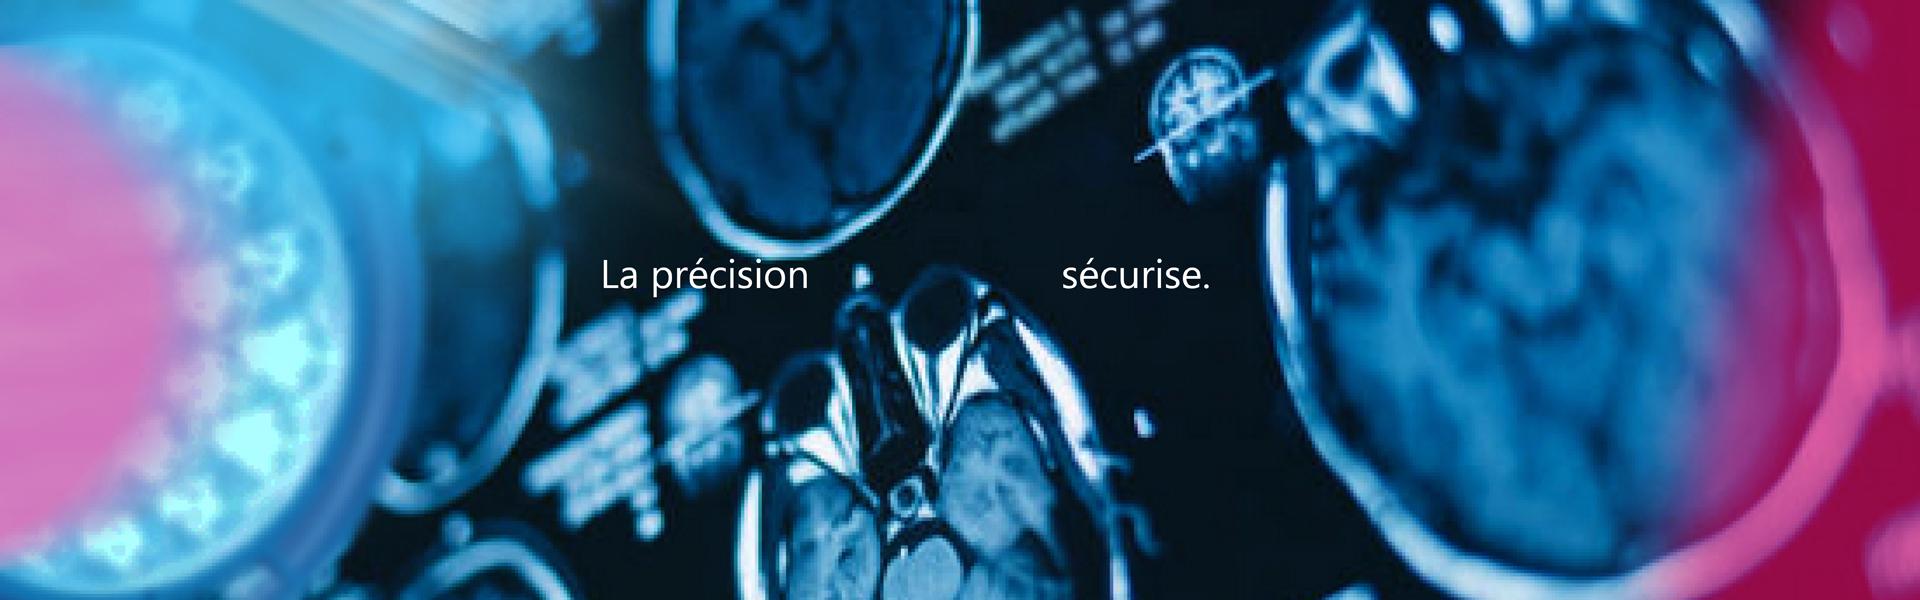 is_862017848_1920x600-la-precision